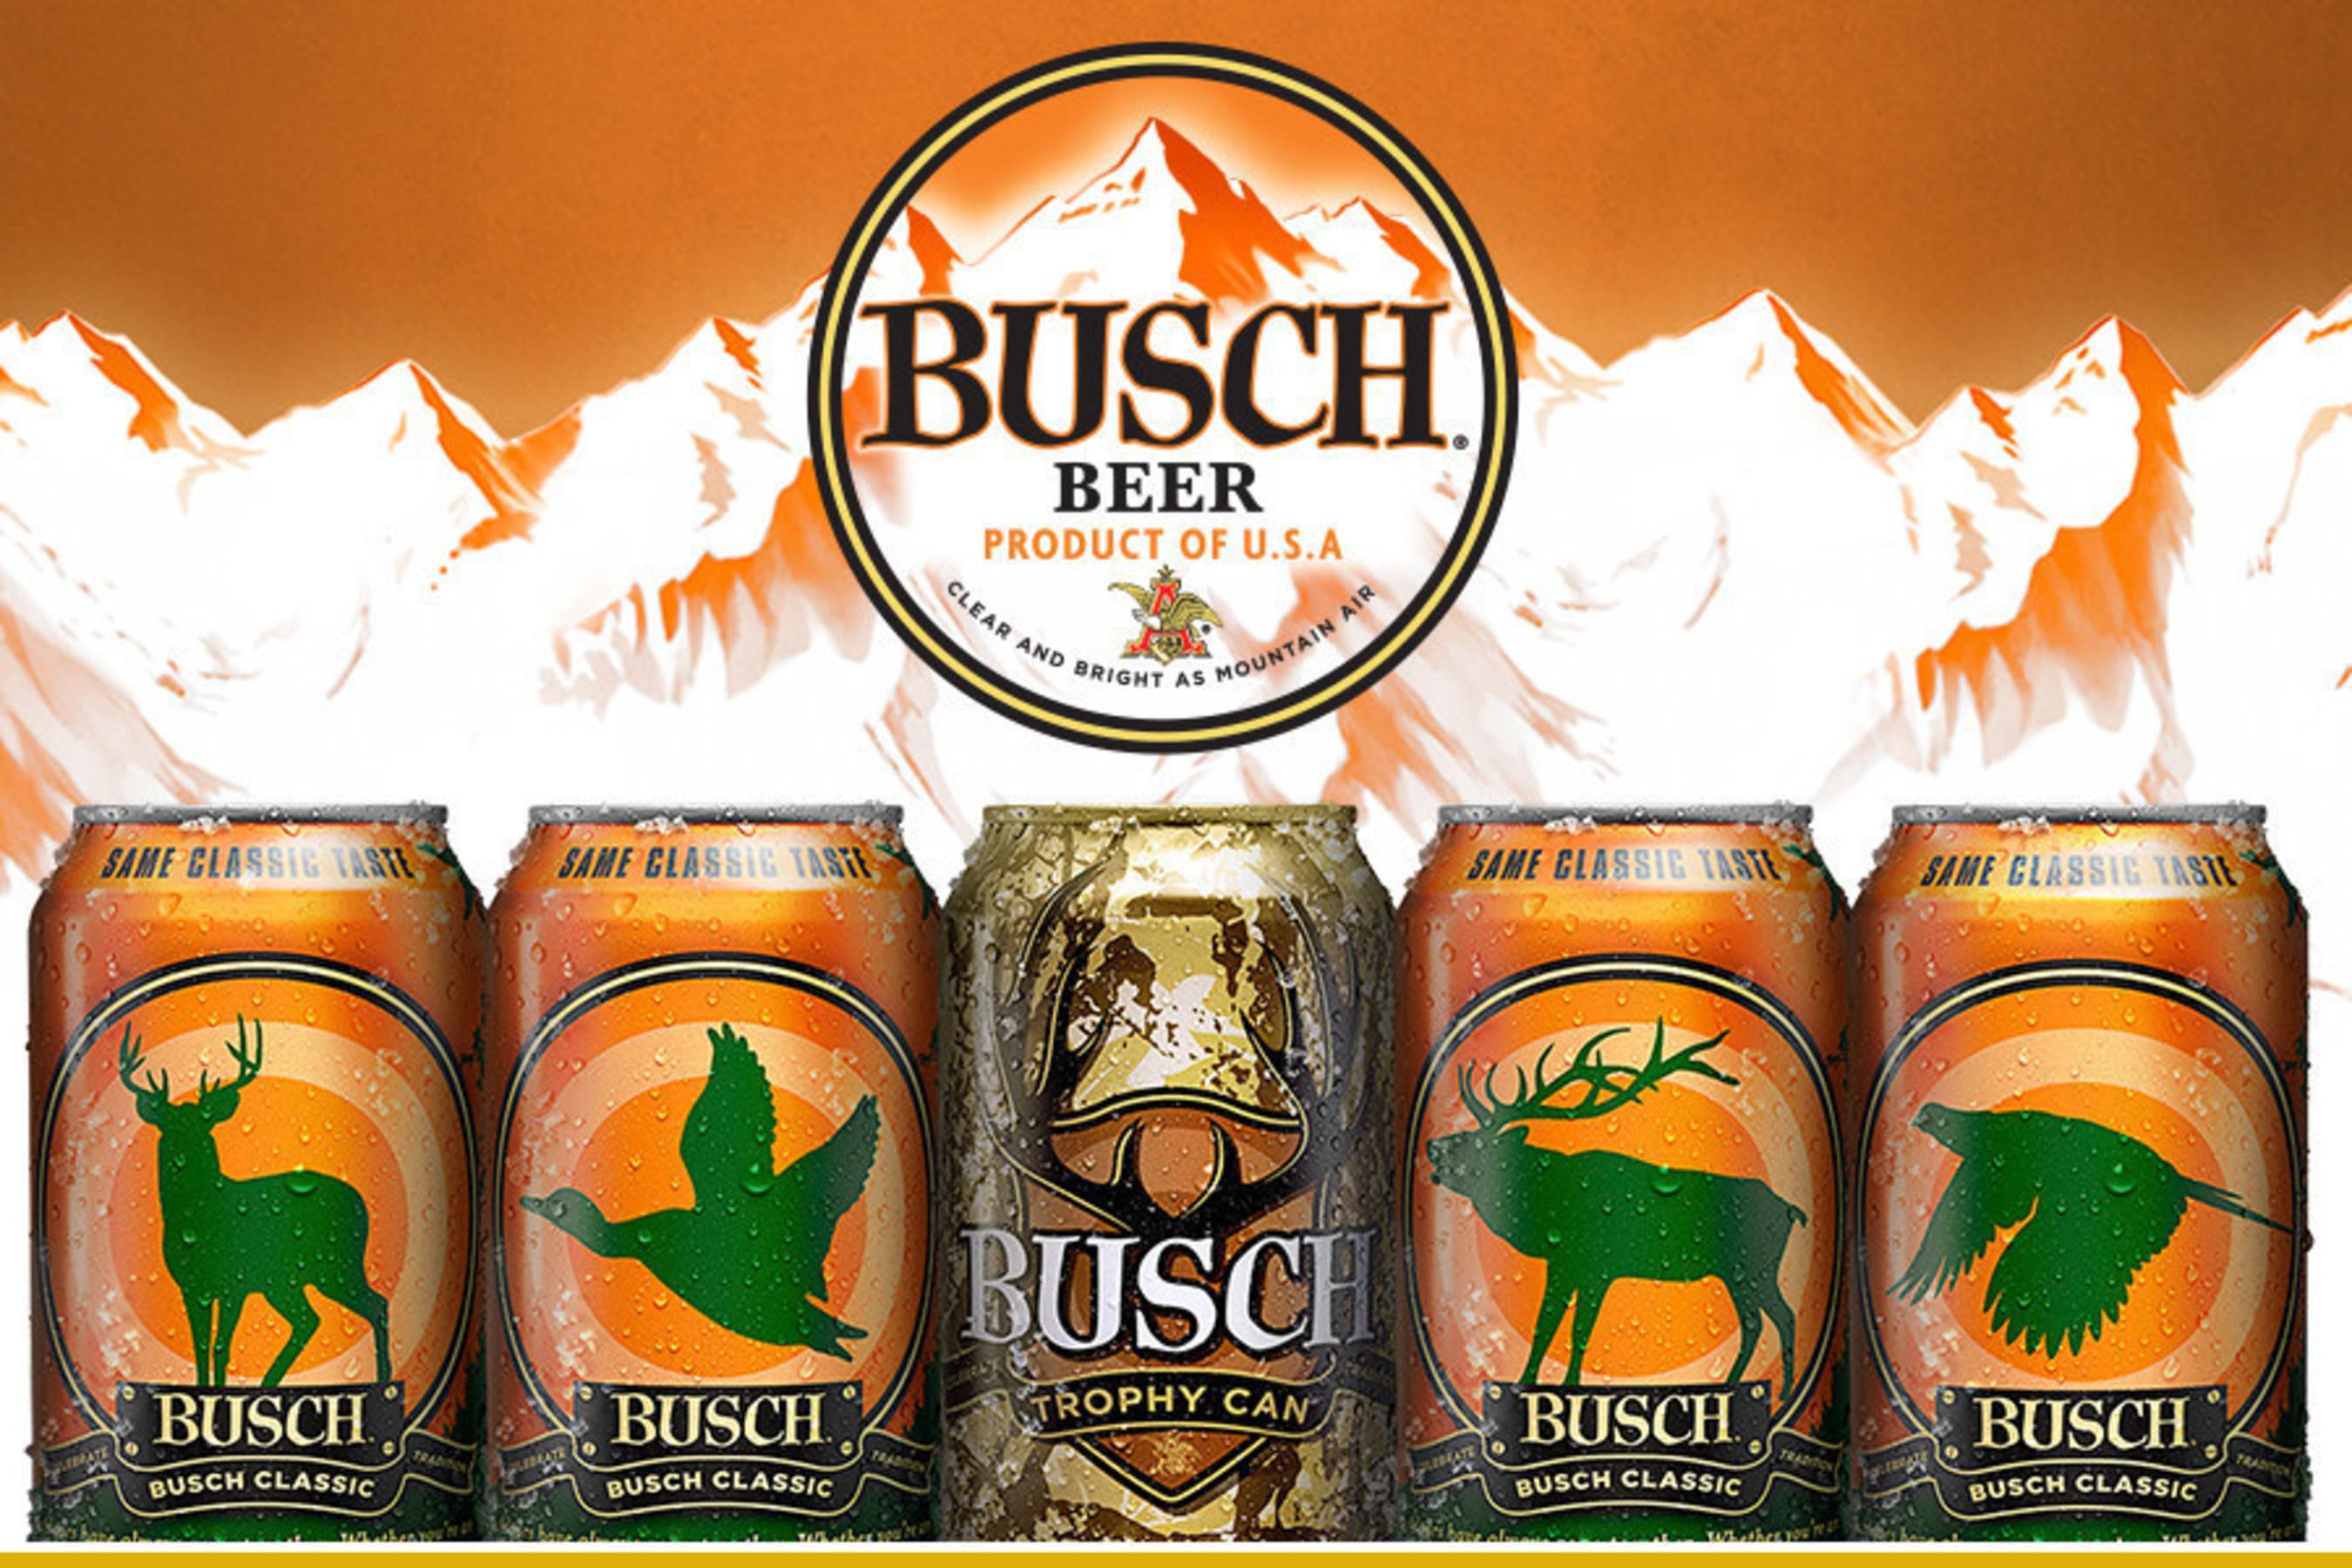 Busch Hunting Meets Racing Beer Brand Brings Back Hunting